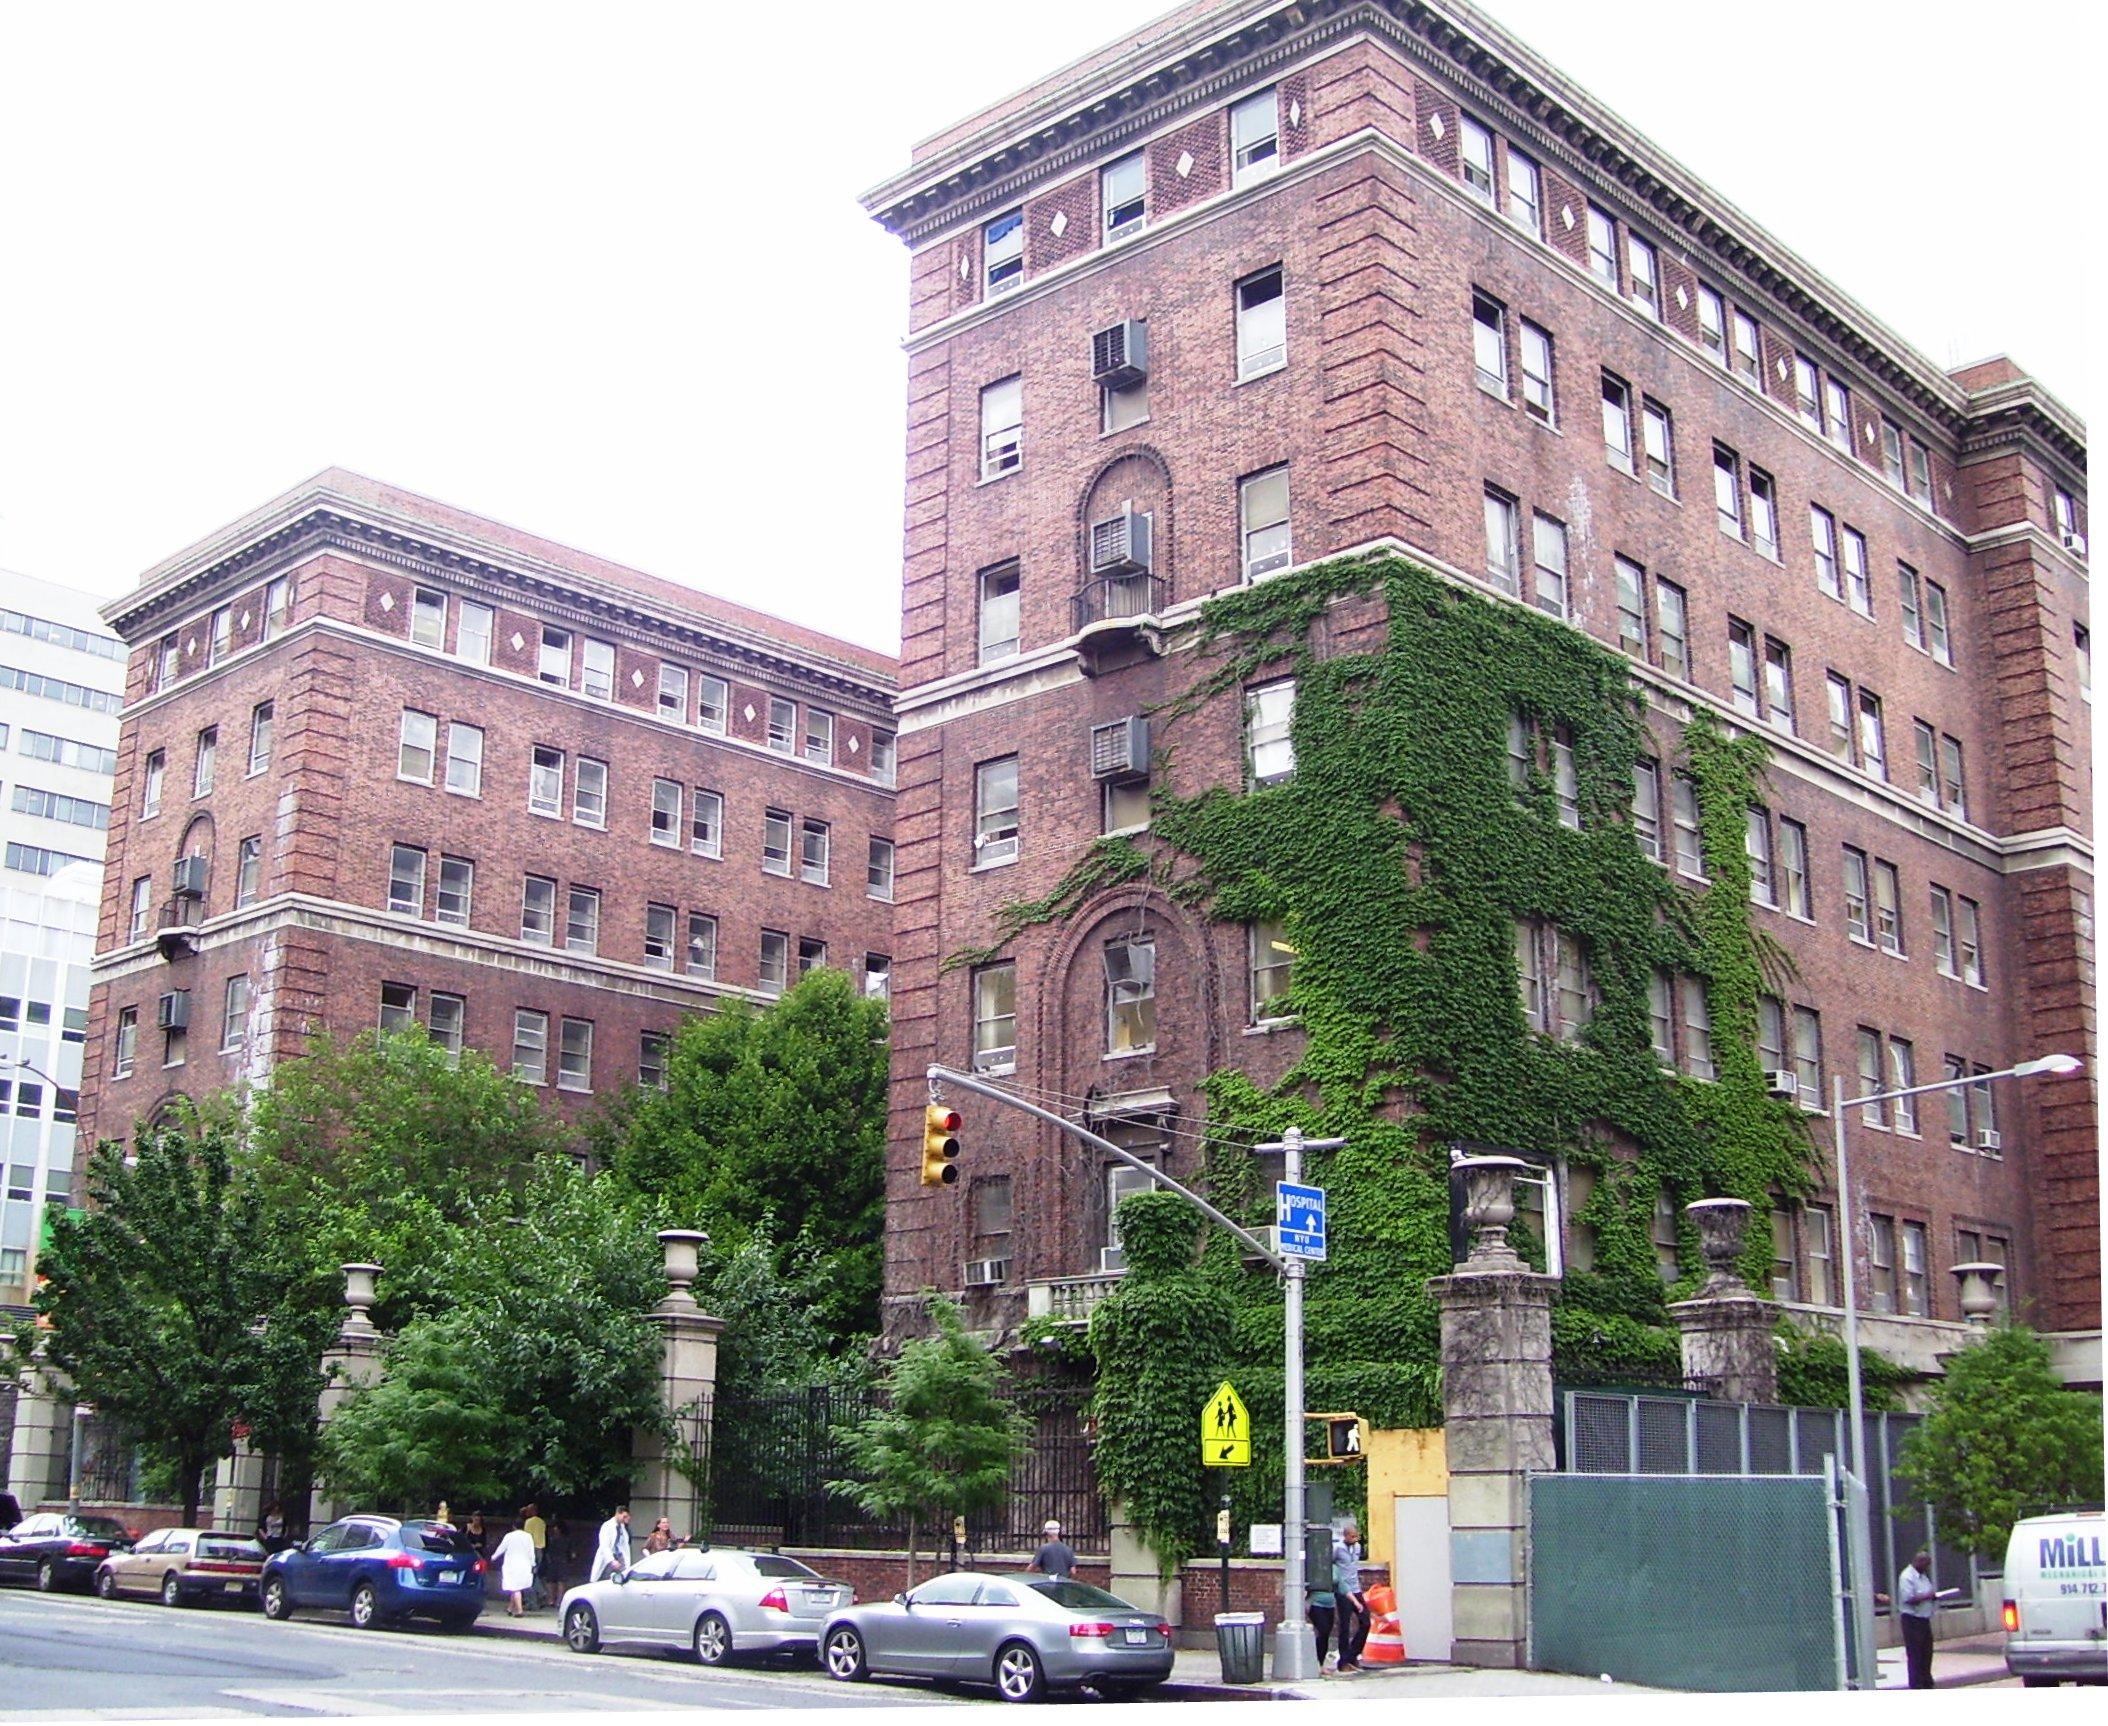 Bellevue_Psychiatric_Hospital_old_building.jpg